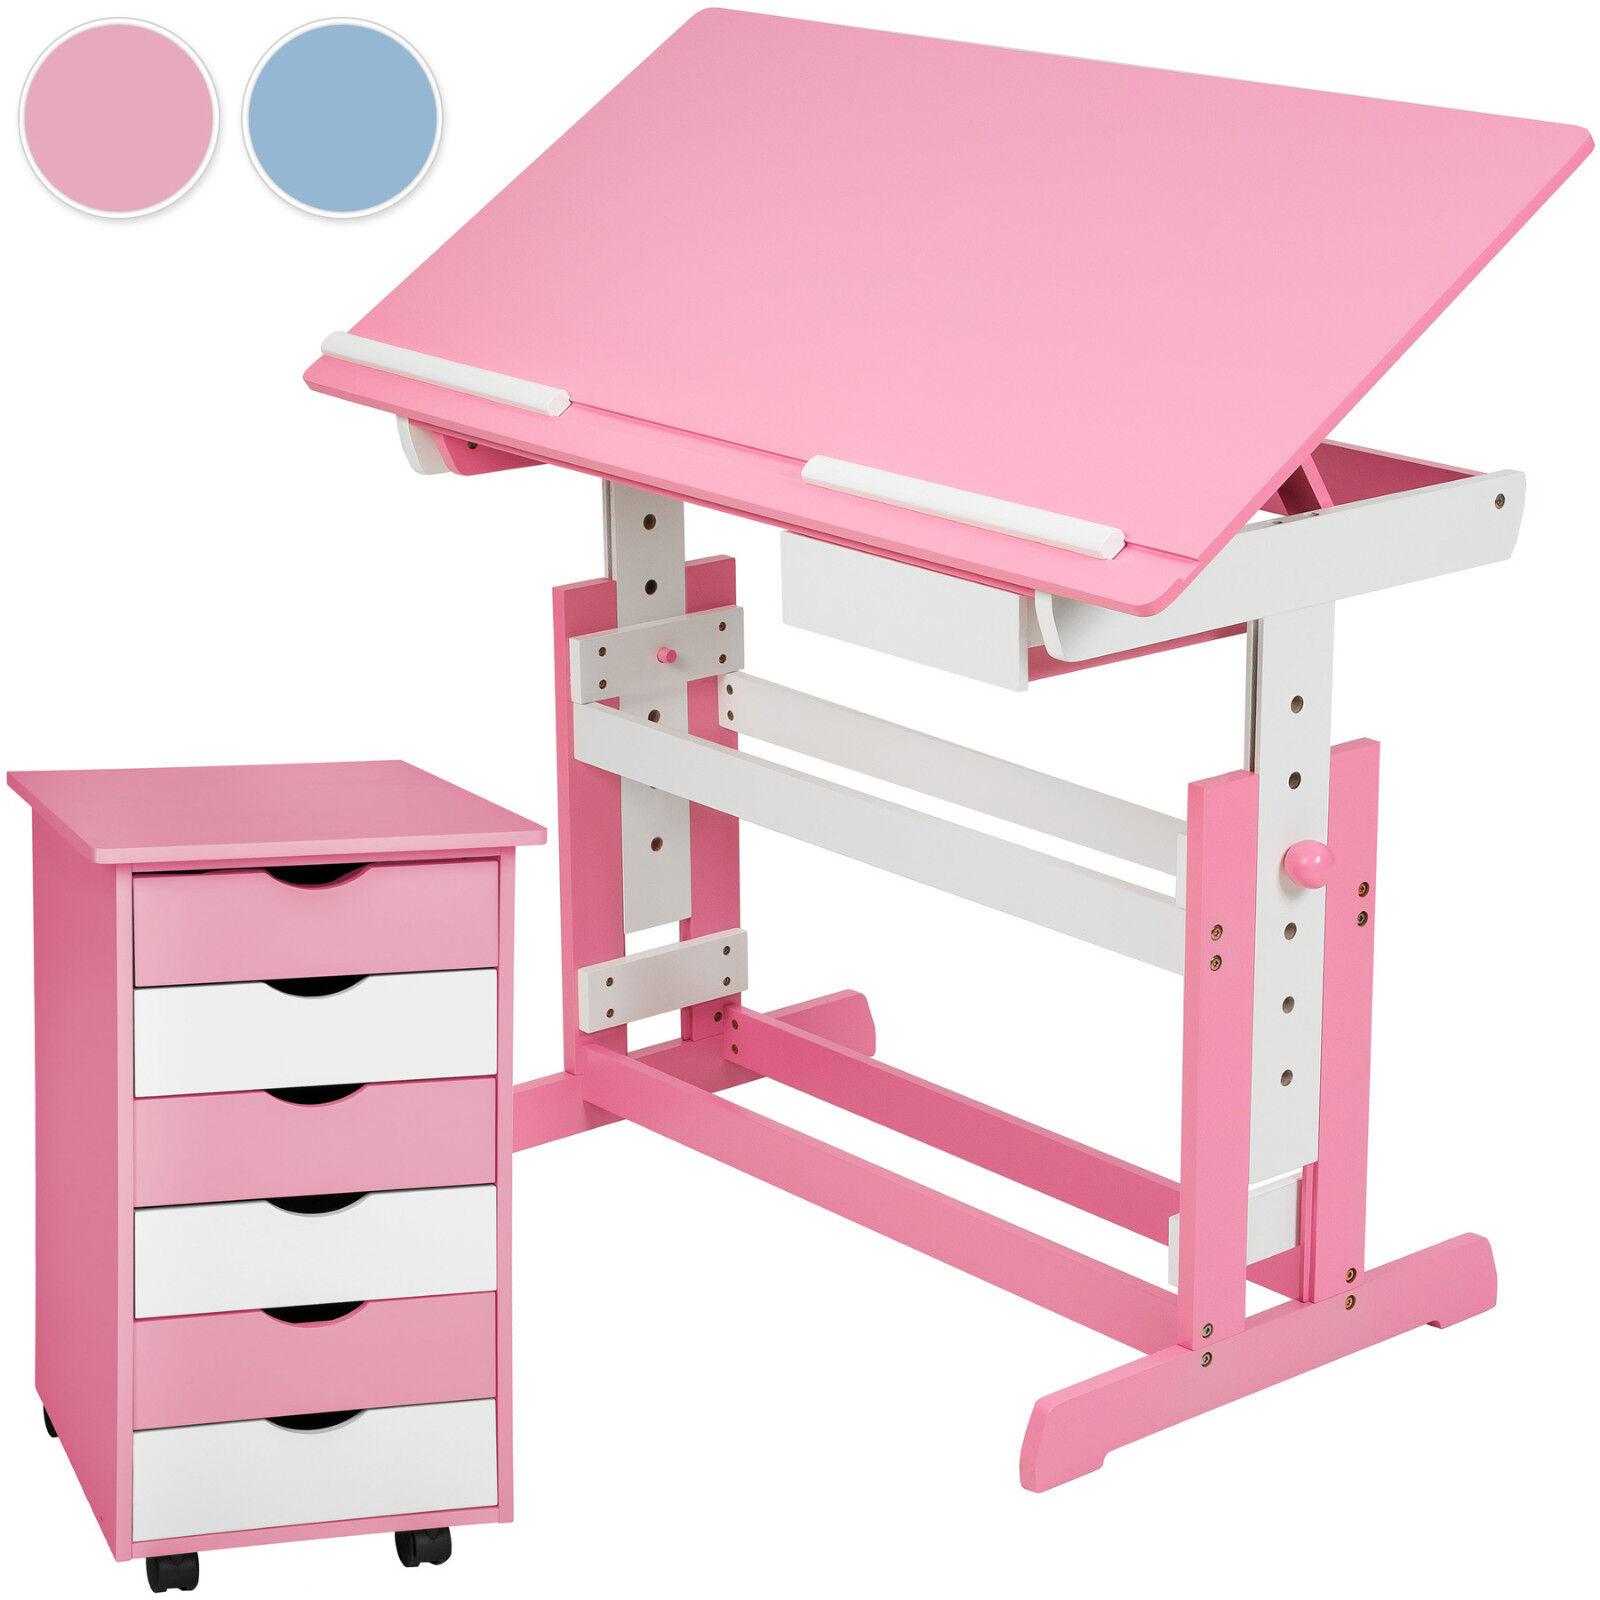 Höhenverstellbarer Schreibtisch Test Designidee Esstisch